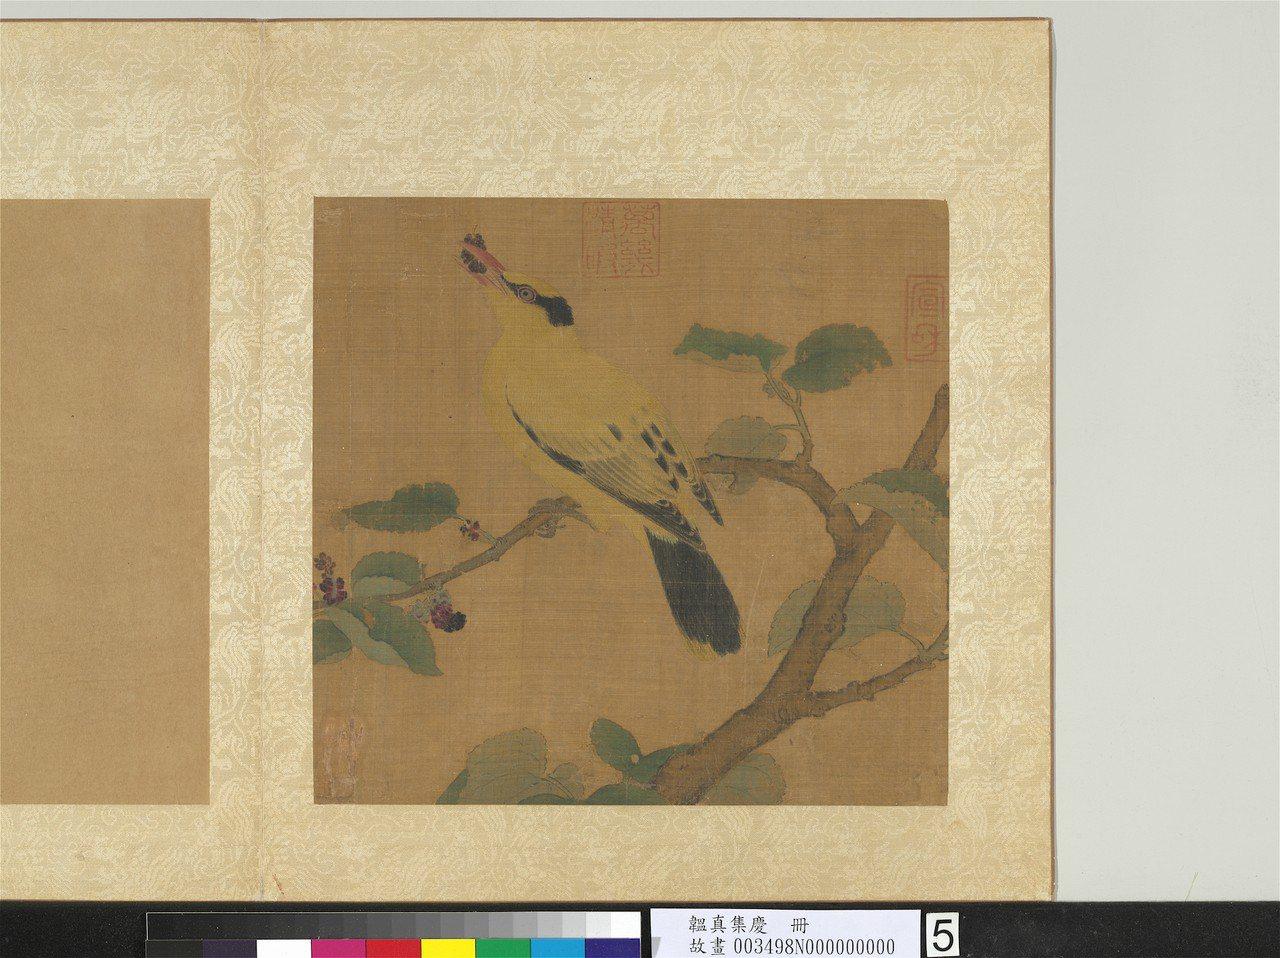 宋畫「桑枝黃鳥」是國寶級文物。圖/故宮提供